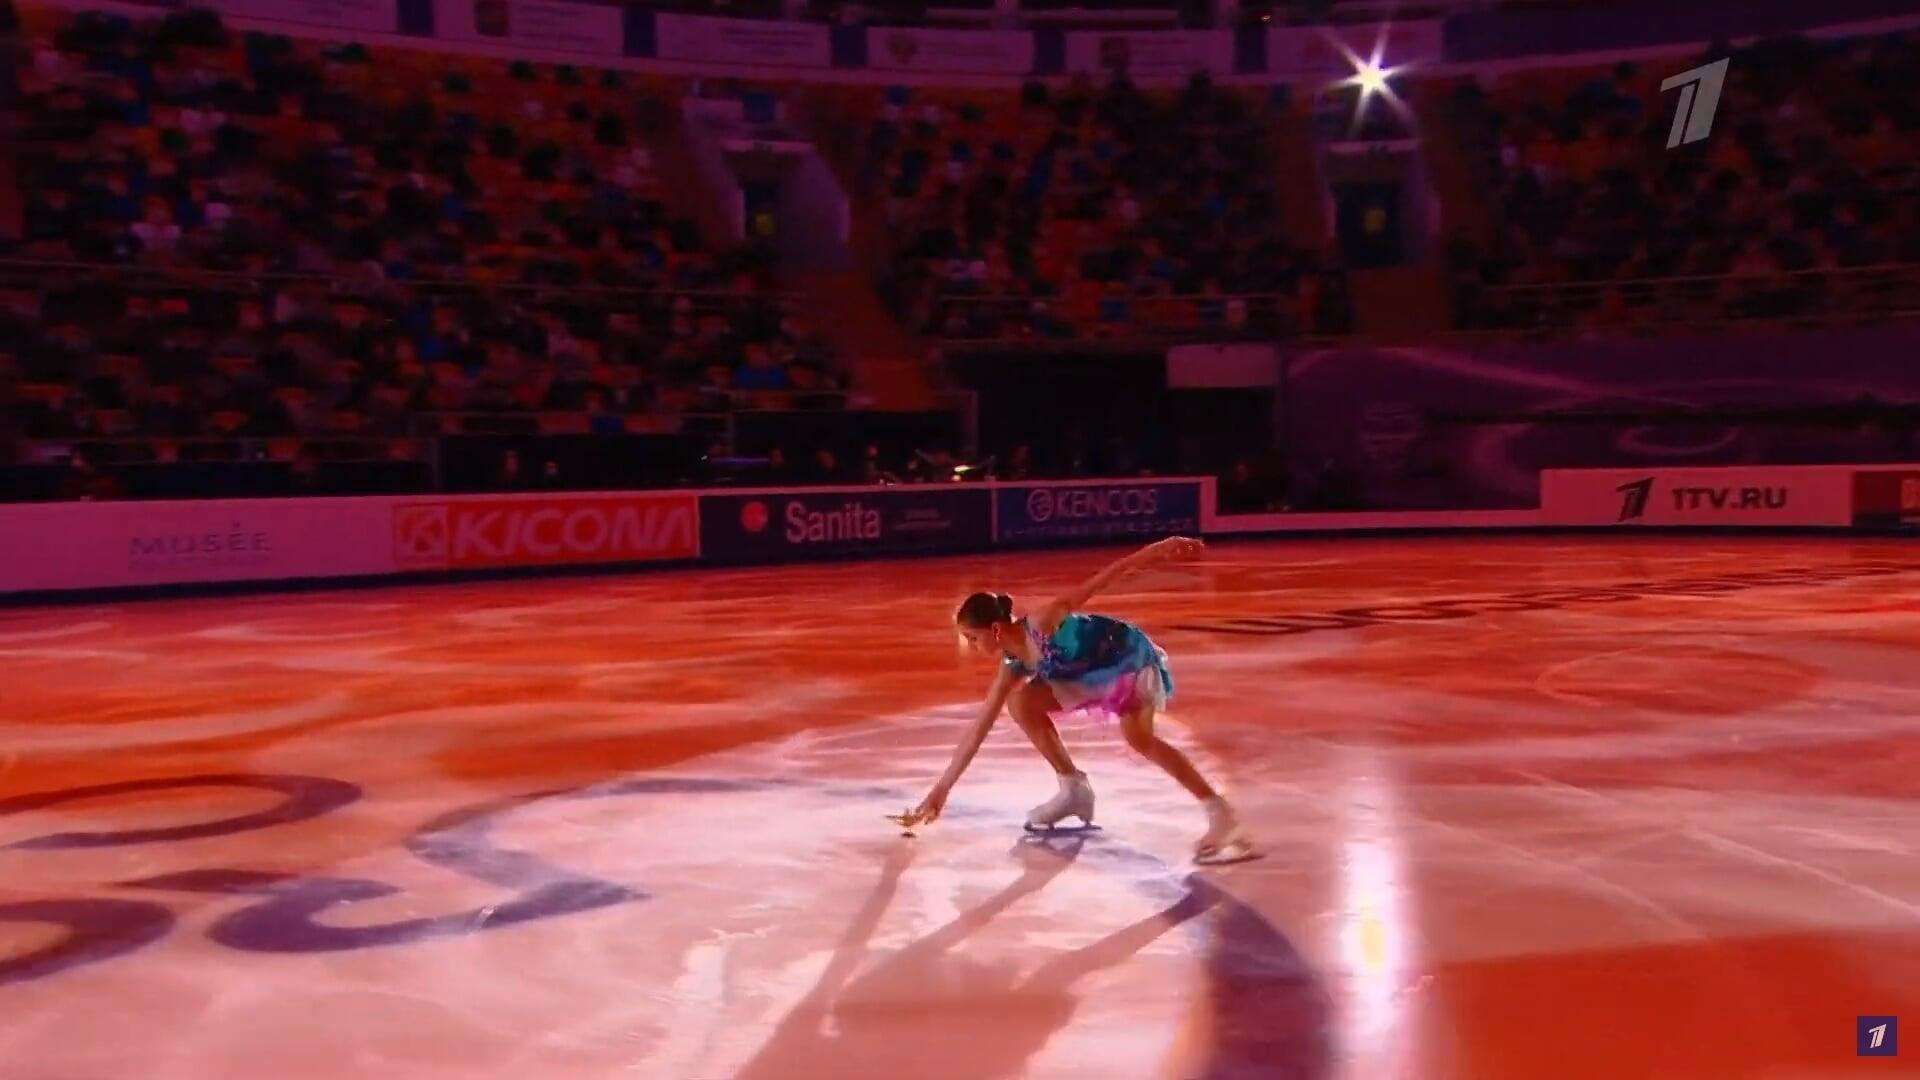 Номер-феерия от учеников Тутберидзе: Валиева вызвала Джинна из лампы прямо на льду – им оказался Квителашвили (в синем гриме!)